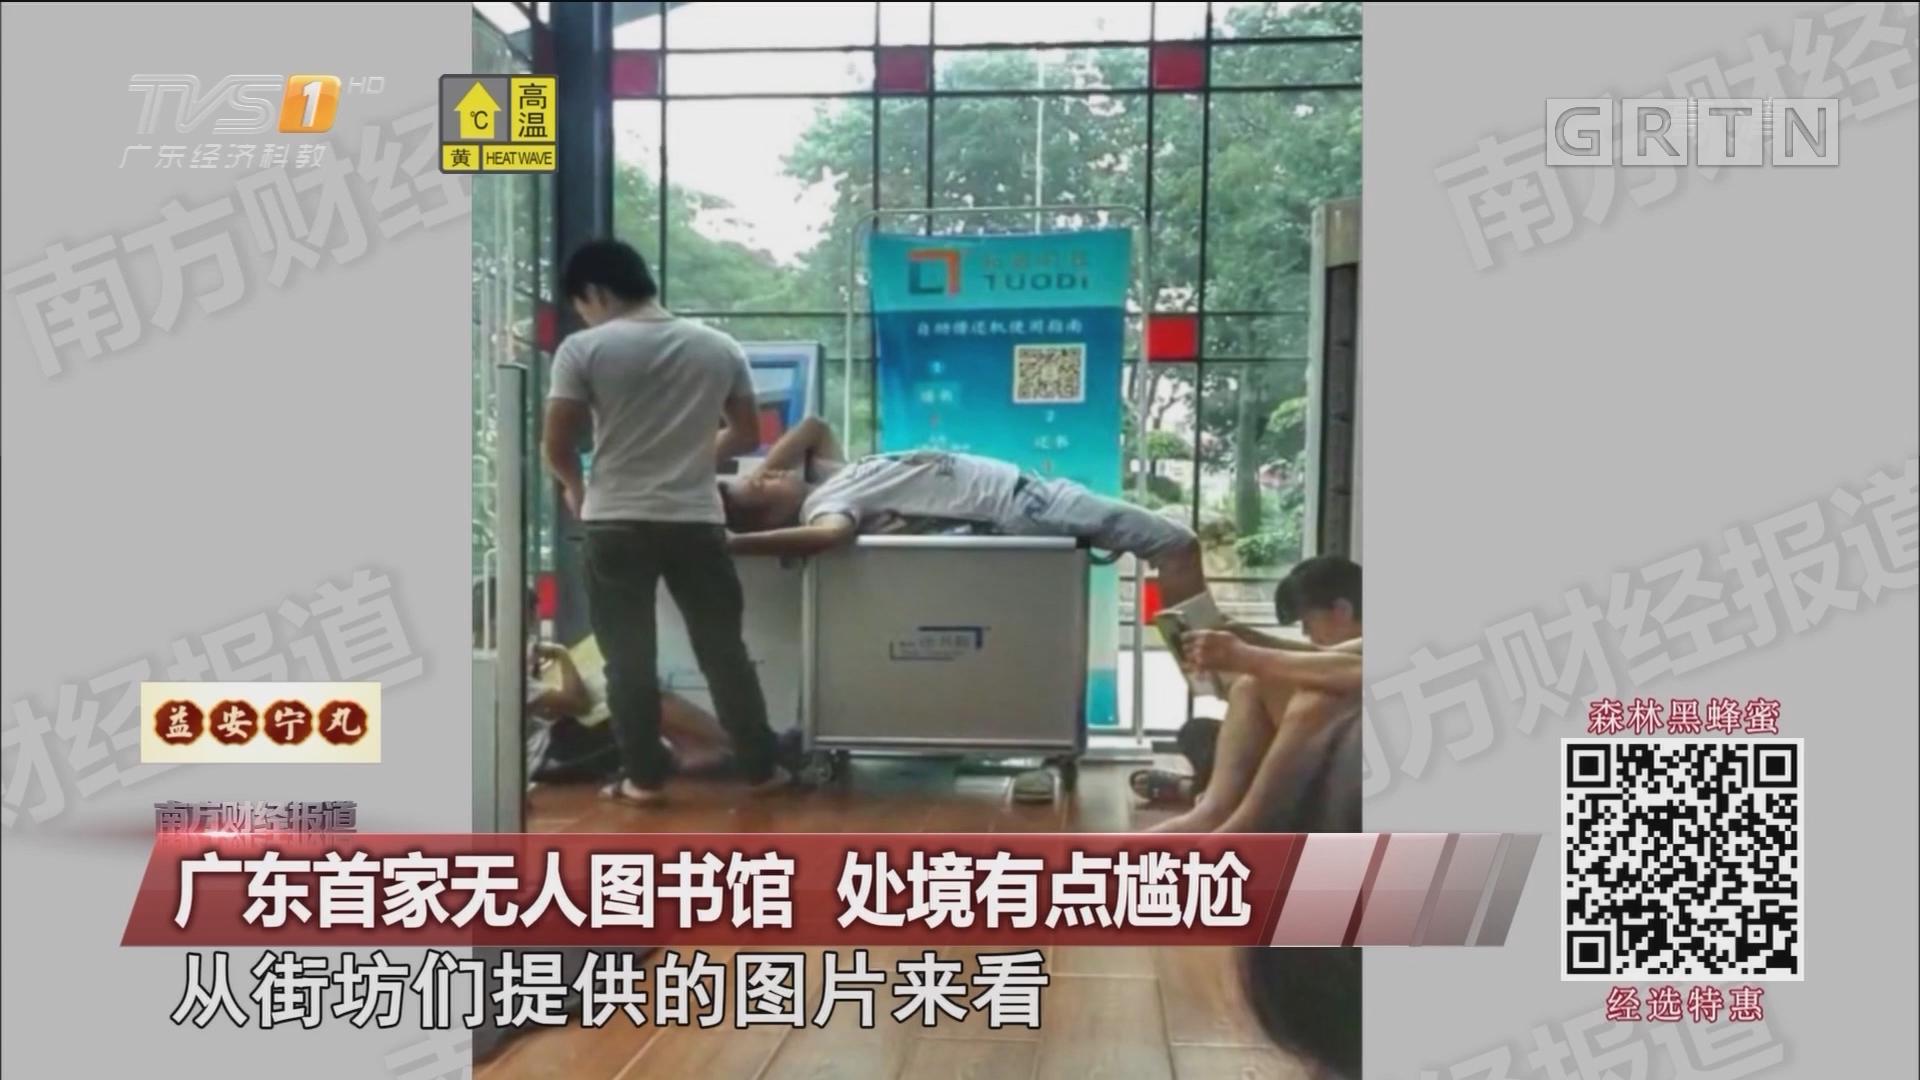 广东首家无人图书馆 处境有点尴尬